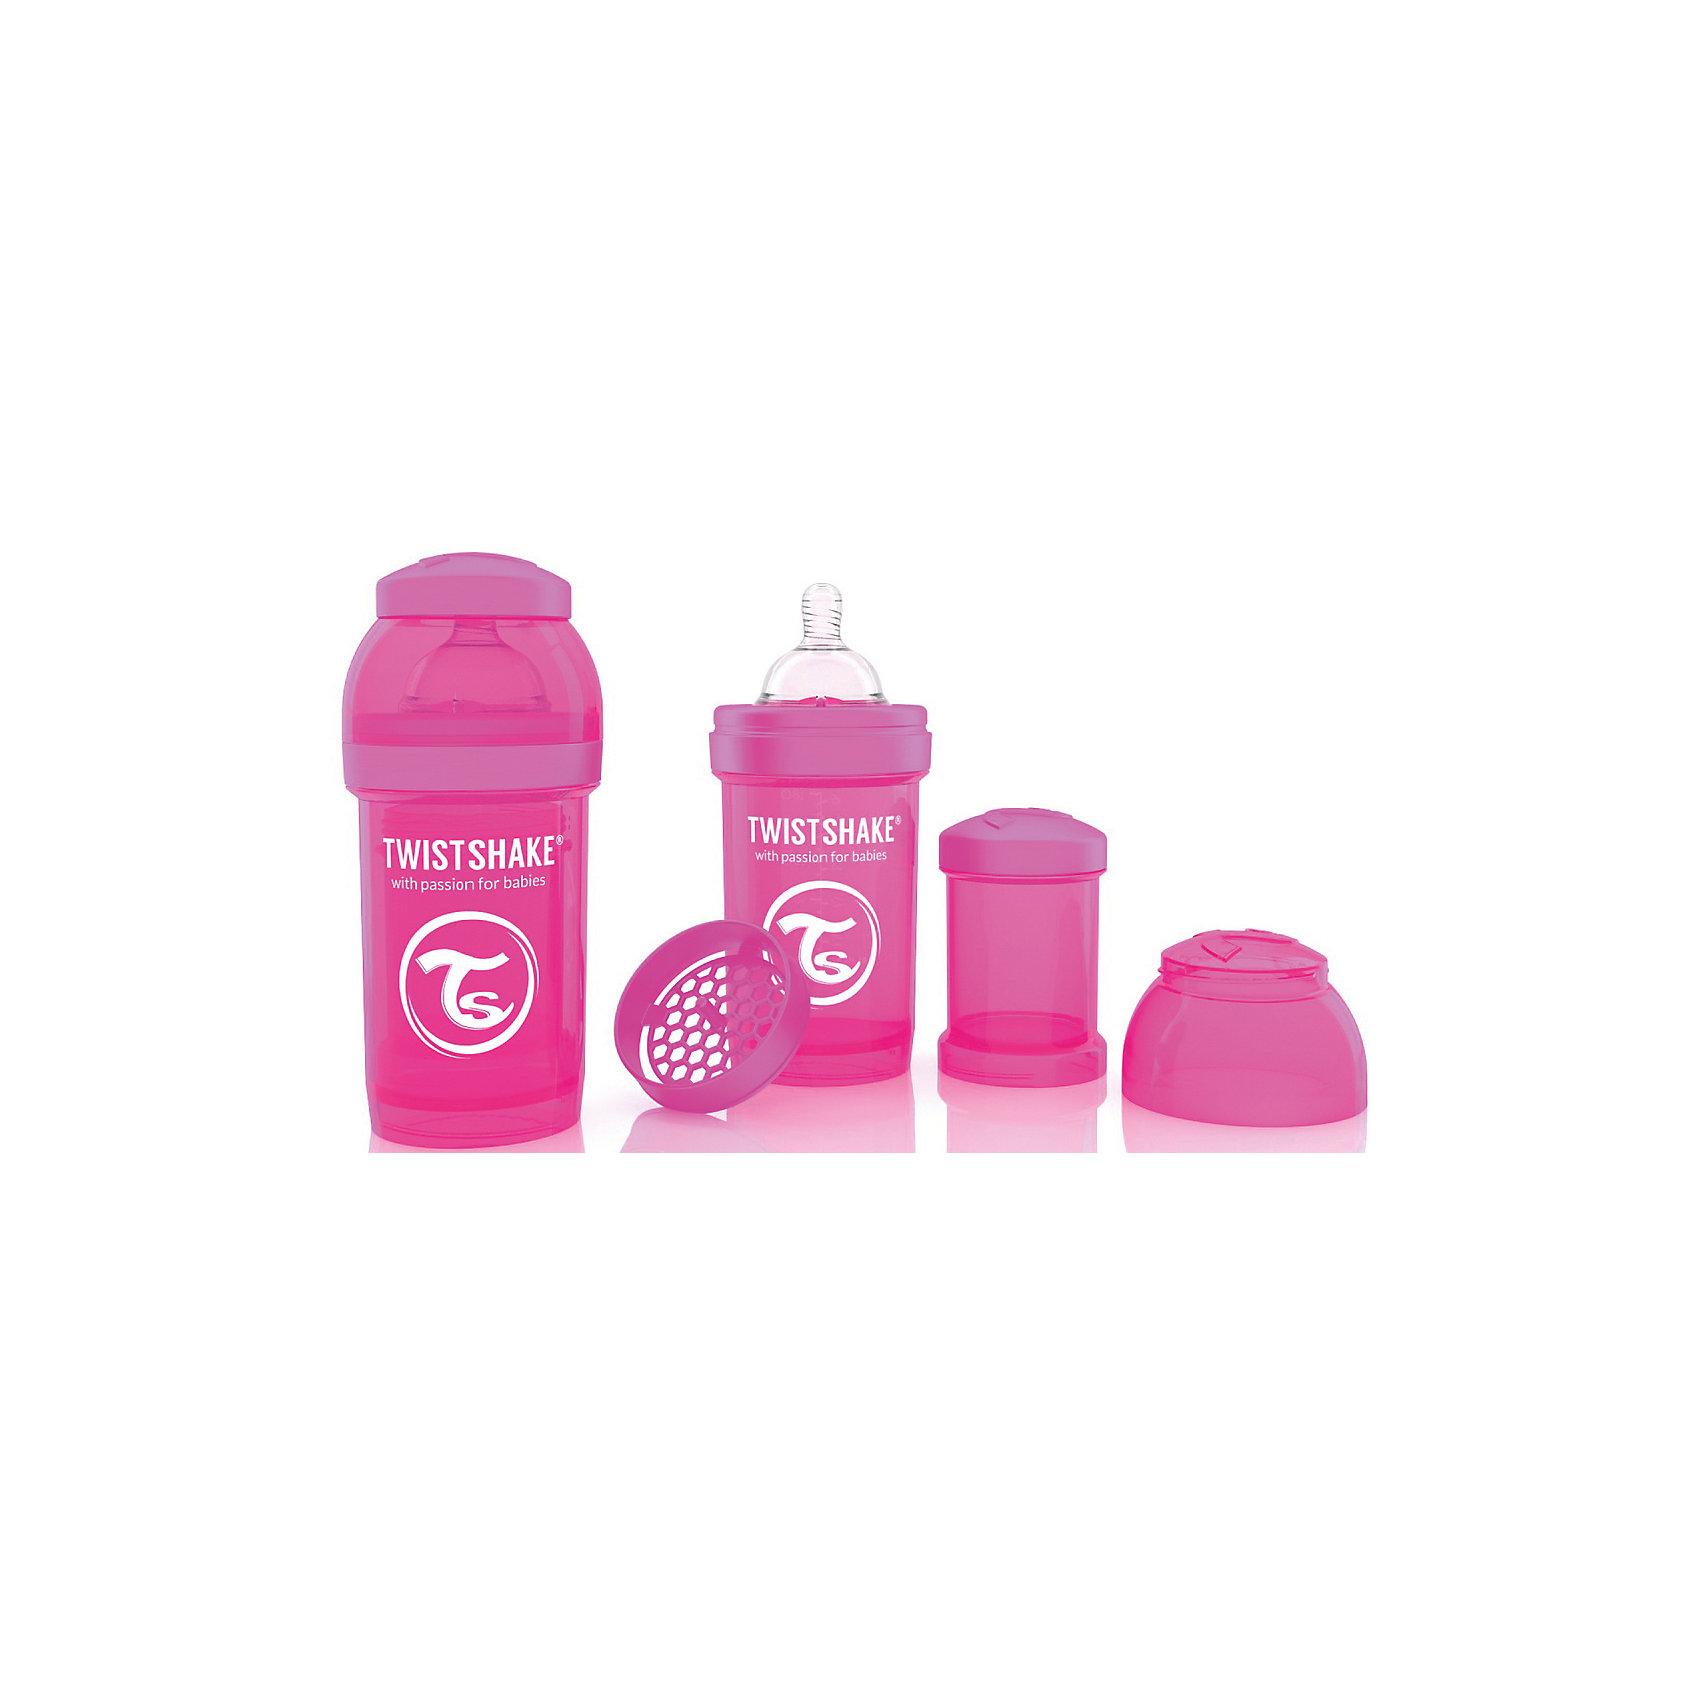 Антиколиковая бутылочка 180 мл., Twistshake, розовыйАнтиколиковая бутылочка 180 мл., розовый от шведского бренда Twistshake (Твистшейк), придет по вкусу малышам и современным родителям. Эти бутылочки идут в комплекте с контейнером для сухой смеси, чтобы можно было готовить смесь в любом месте непосредсвенно перед кормлением. Также в комплект входит решеточка для разбивки комочков смеси, делая саму смесь идеальной. Материал бутылочки имеет свойства сохранения температуры, не содержит бисфенол А. Удобная форма горлышка обеспечивает доступ к полной промывки бутылочки, можно стерилизовать как холодным, так и горячим методами. Небольшой контейнер для смеси (100 мл.) можно использовать для хранения еды, например печенья или кусочков яблока. Соска бутылочки имеет ортодонтичную форму, благодаря специальному клапану и строению предотвращает попадание воздуха и снижает вероятность появления коликов у крохи. Все предметы складываются в бутылочку для удобной транспортировки и хранения. Также можно купить бутылочки разных цветов и комбинировать их в любимые цветовые сочетания.<br><br>Дополнительная информация:<br><br>- В комплект входит: бутылочка с соской 180 мл., контейнер с крышкой 100 мл., решетка, крышка для бутылочки.<br>- Состав бутылочки: 100% пропиллен<br>- Состав соски: силикон<br><br>Антиколиковую бутылочку 180 мл., Twistshake, розовый можно купить в нашем интернет-магазине.<br>Подробнее:<br>• Для детей в возрасте: от 0 до 1 года<br>• Номер товара: 4976038<br>Страна производитель: Китай<br><br>Ширина мм: 70<br>Глубина мм: 70<br>Высота мм: 160<br>Вес г: 152<br>Возраст от месяцев: 0<br>Возраст до месяцев: 12<br>Пол: Унисекс<br>Возраст: Детский<br>SKU: 4976038